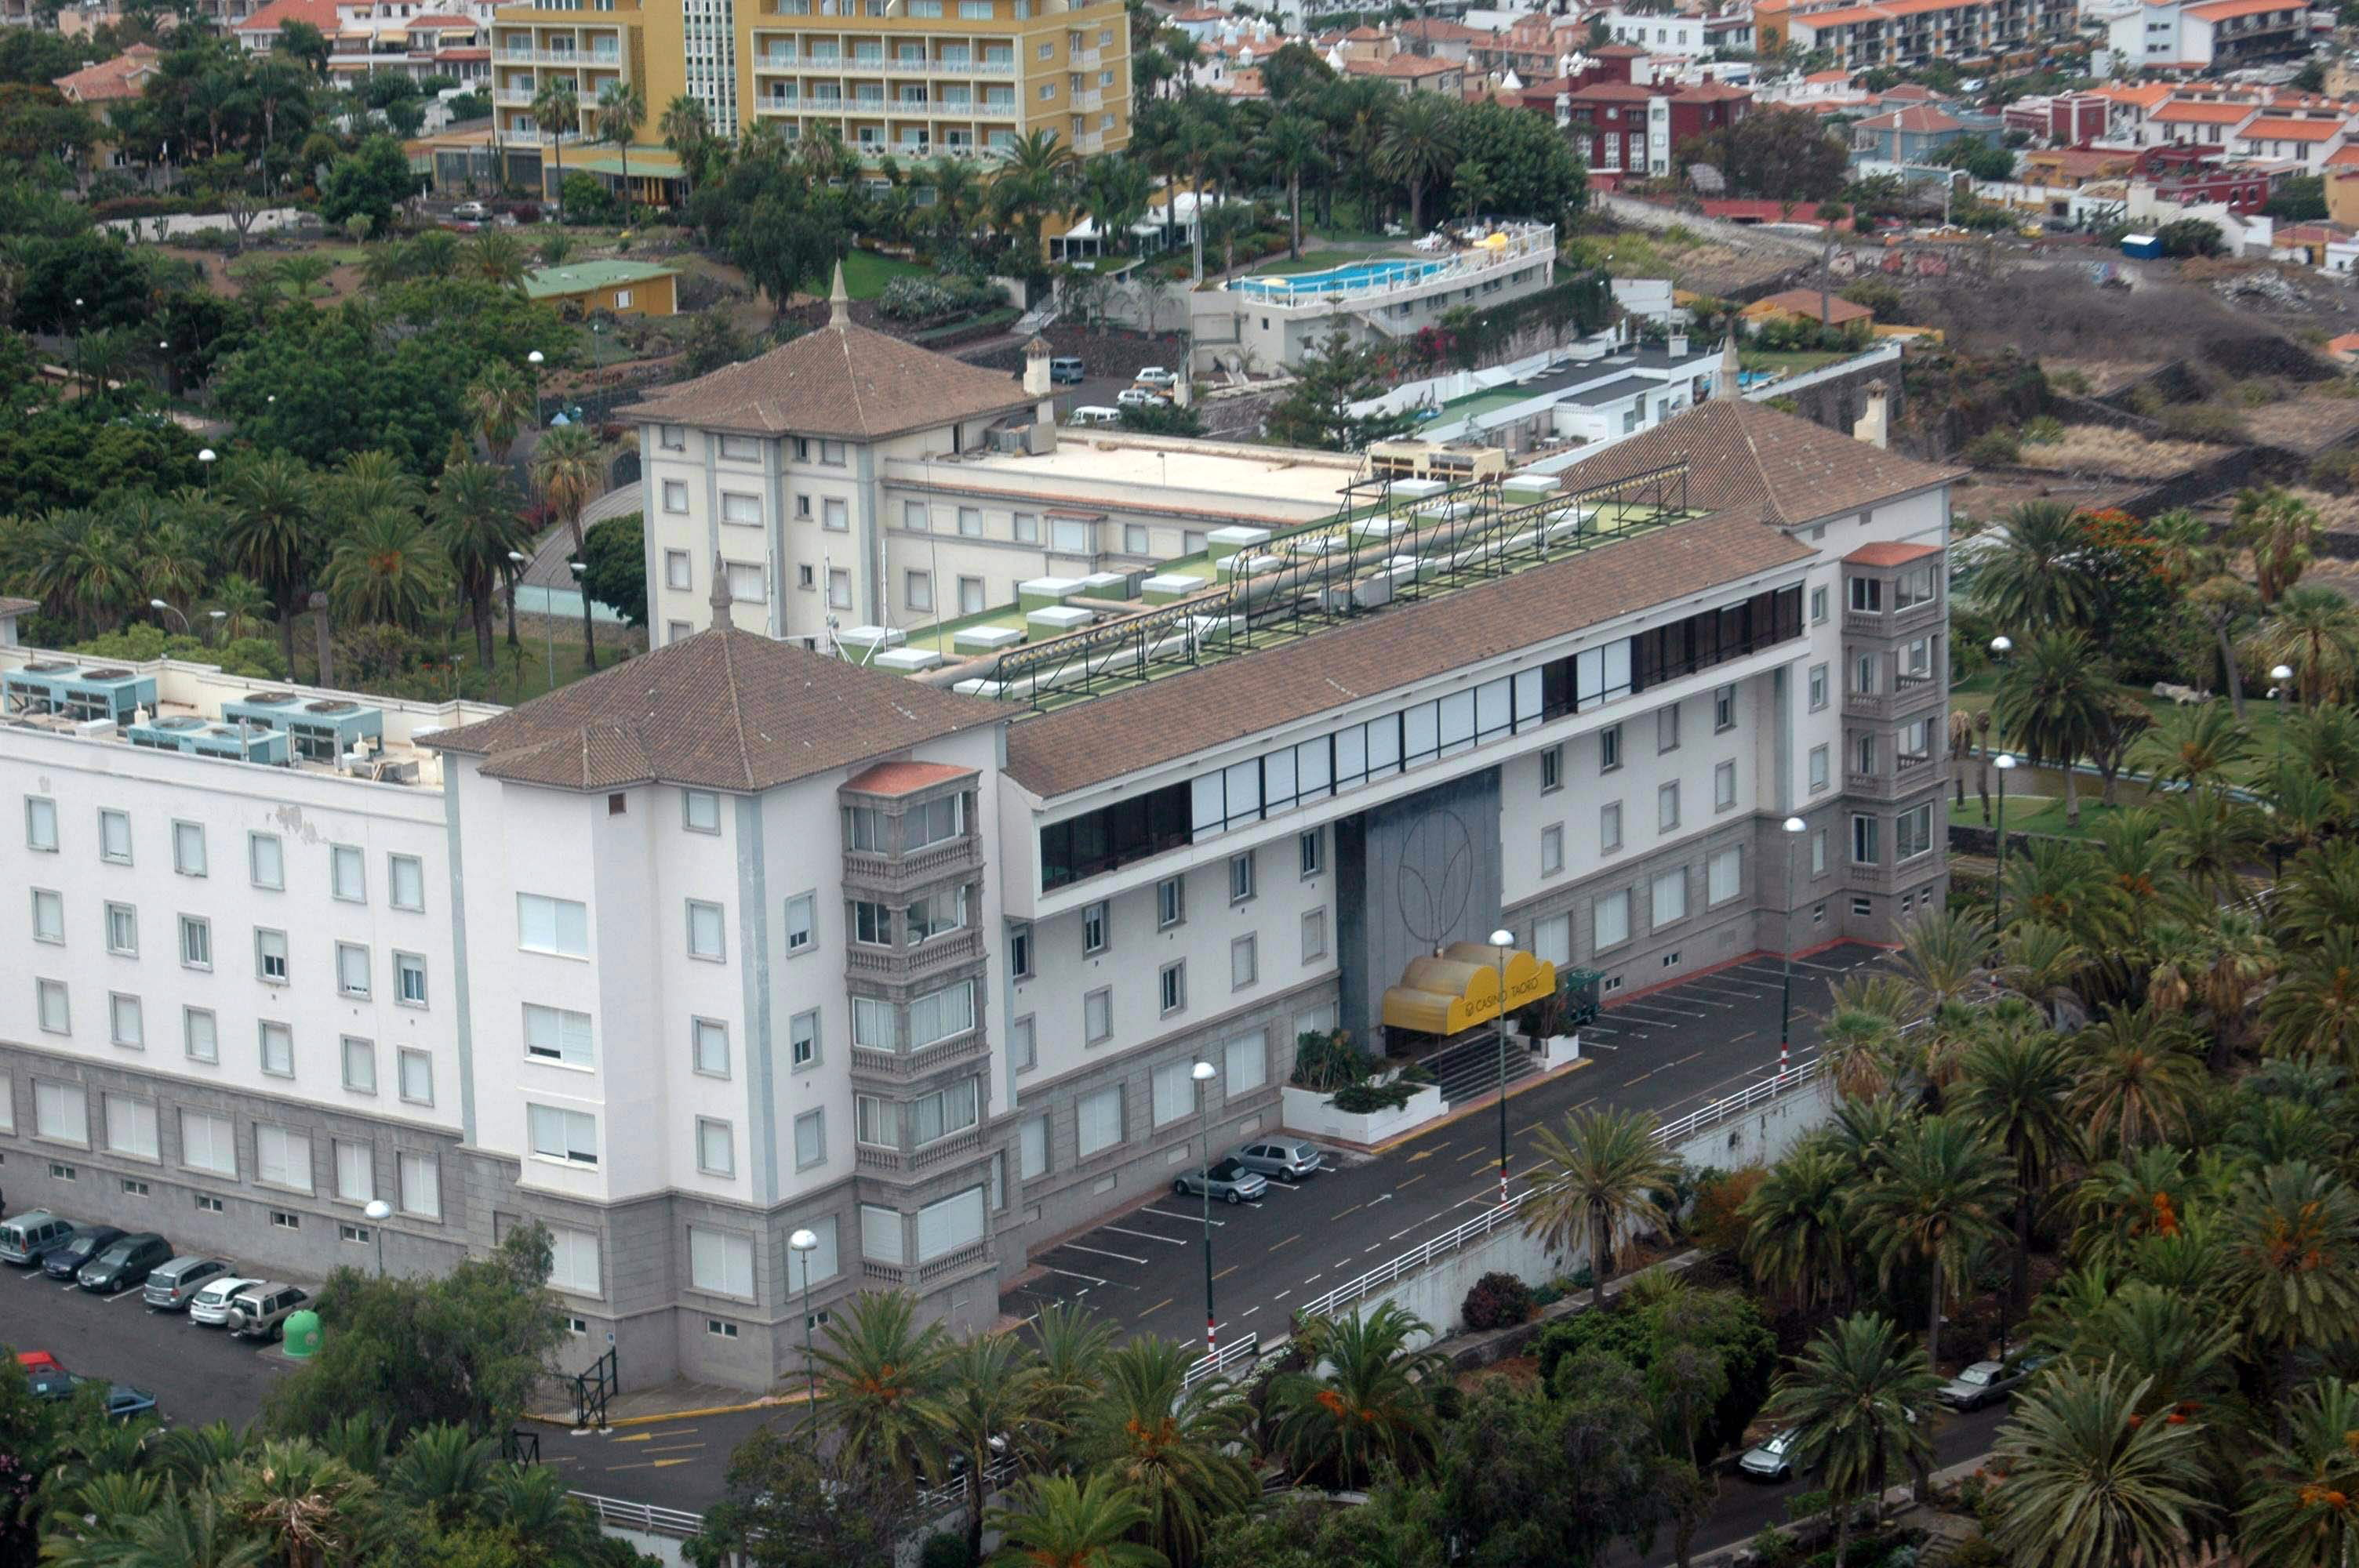 Un Grupo De Vecinos Quiere Salvar El Hotel Taoro A